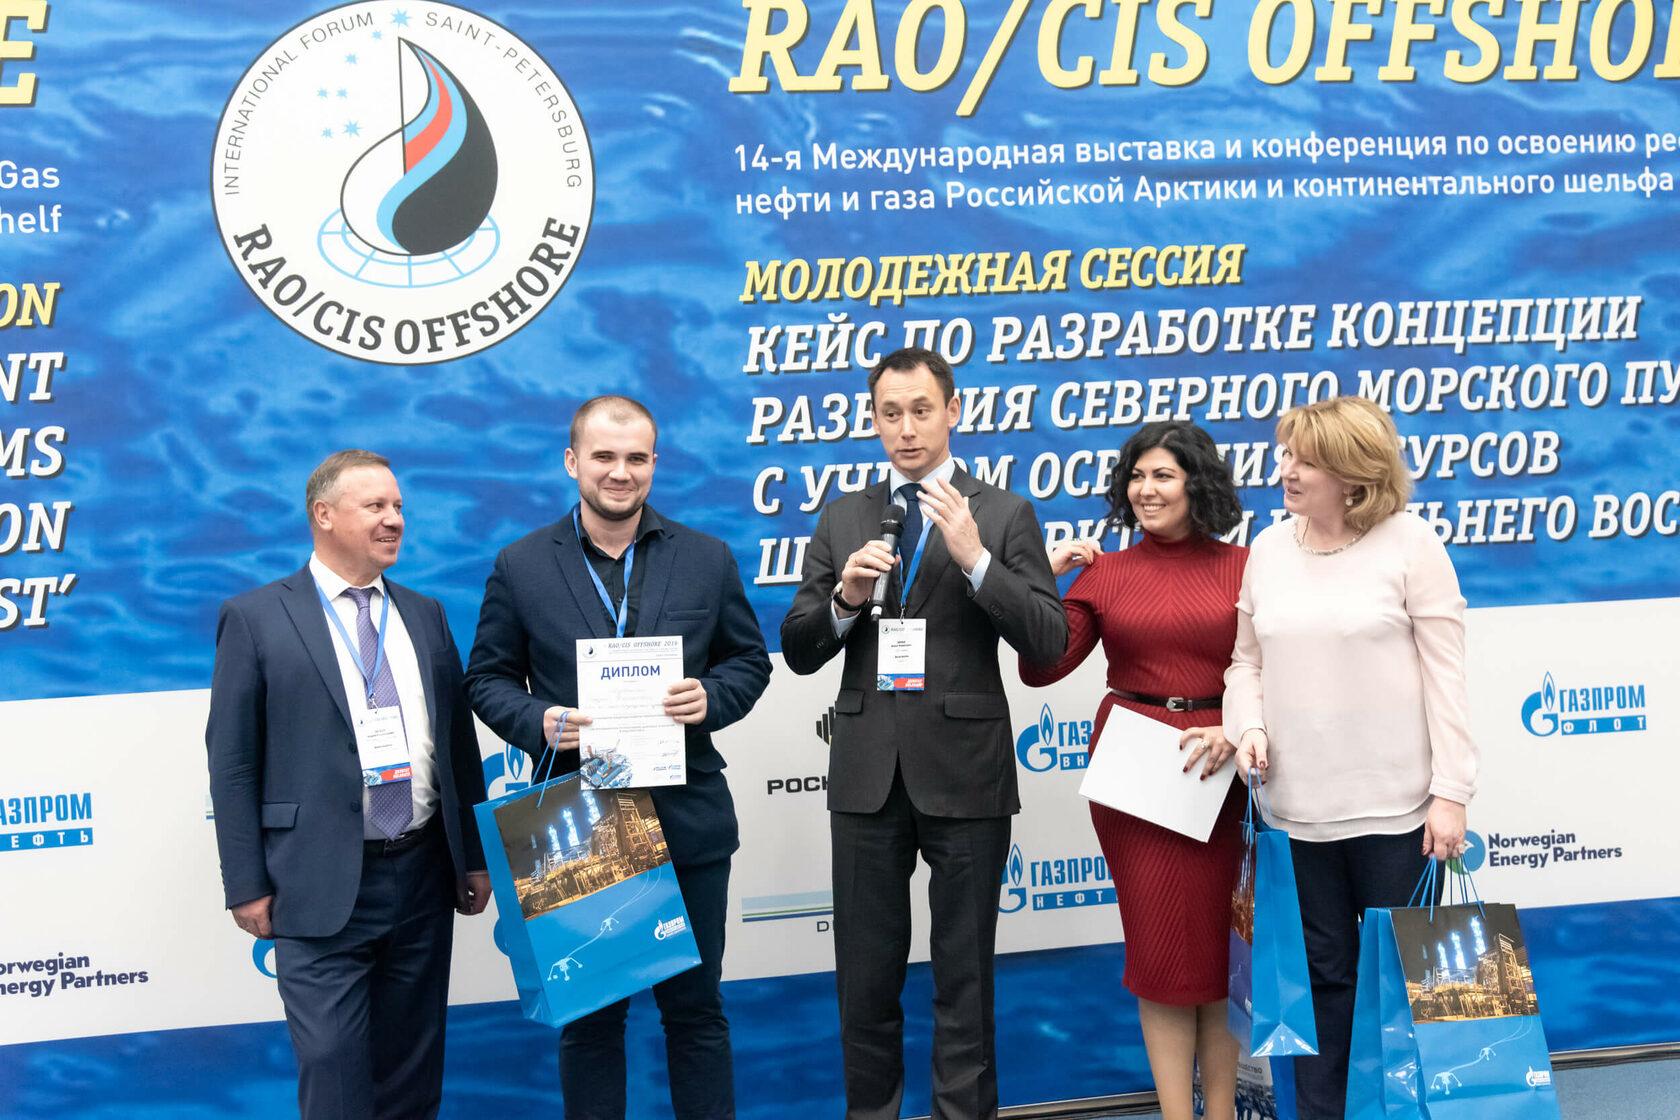 «Газпром добыча шельф Южно-Сахалинск» - спонсор Молодежной сессии  в рамках RAO/Cis Offshore 2021